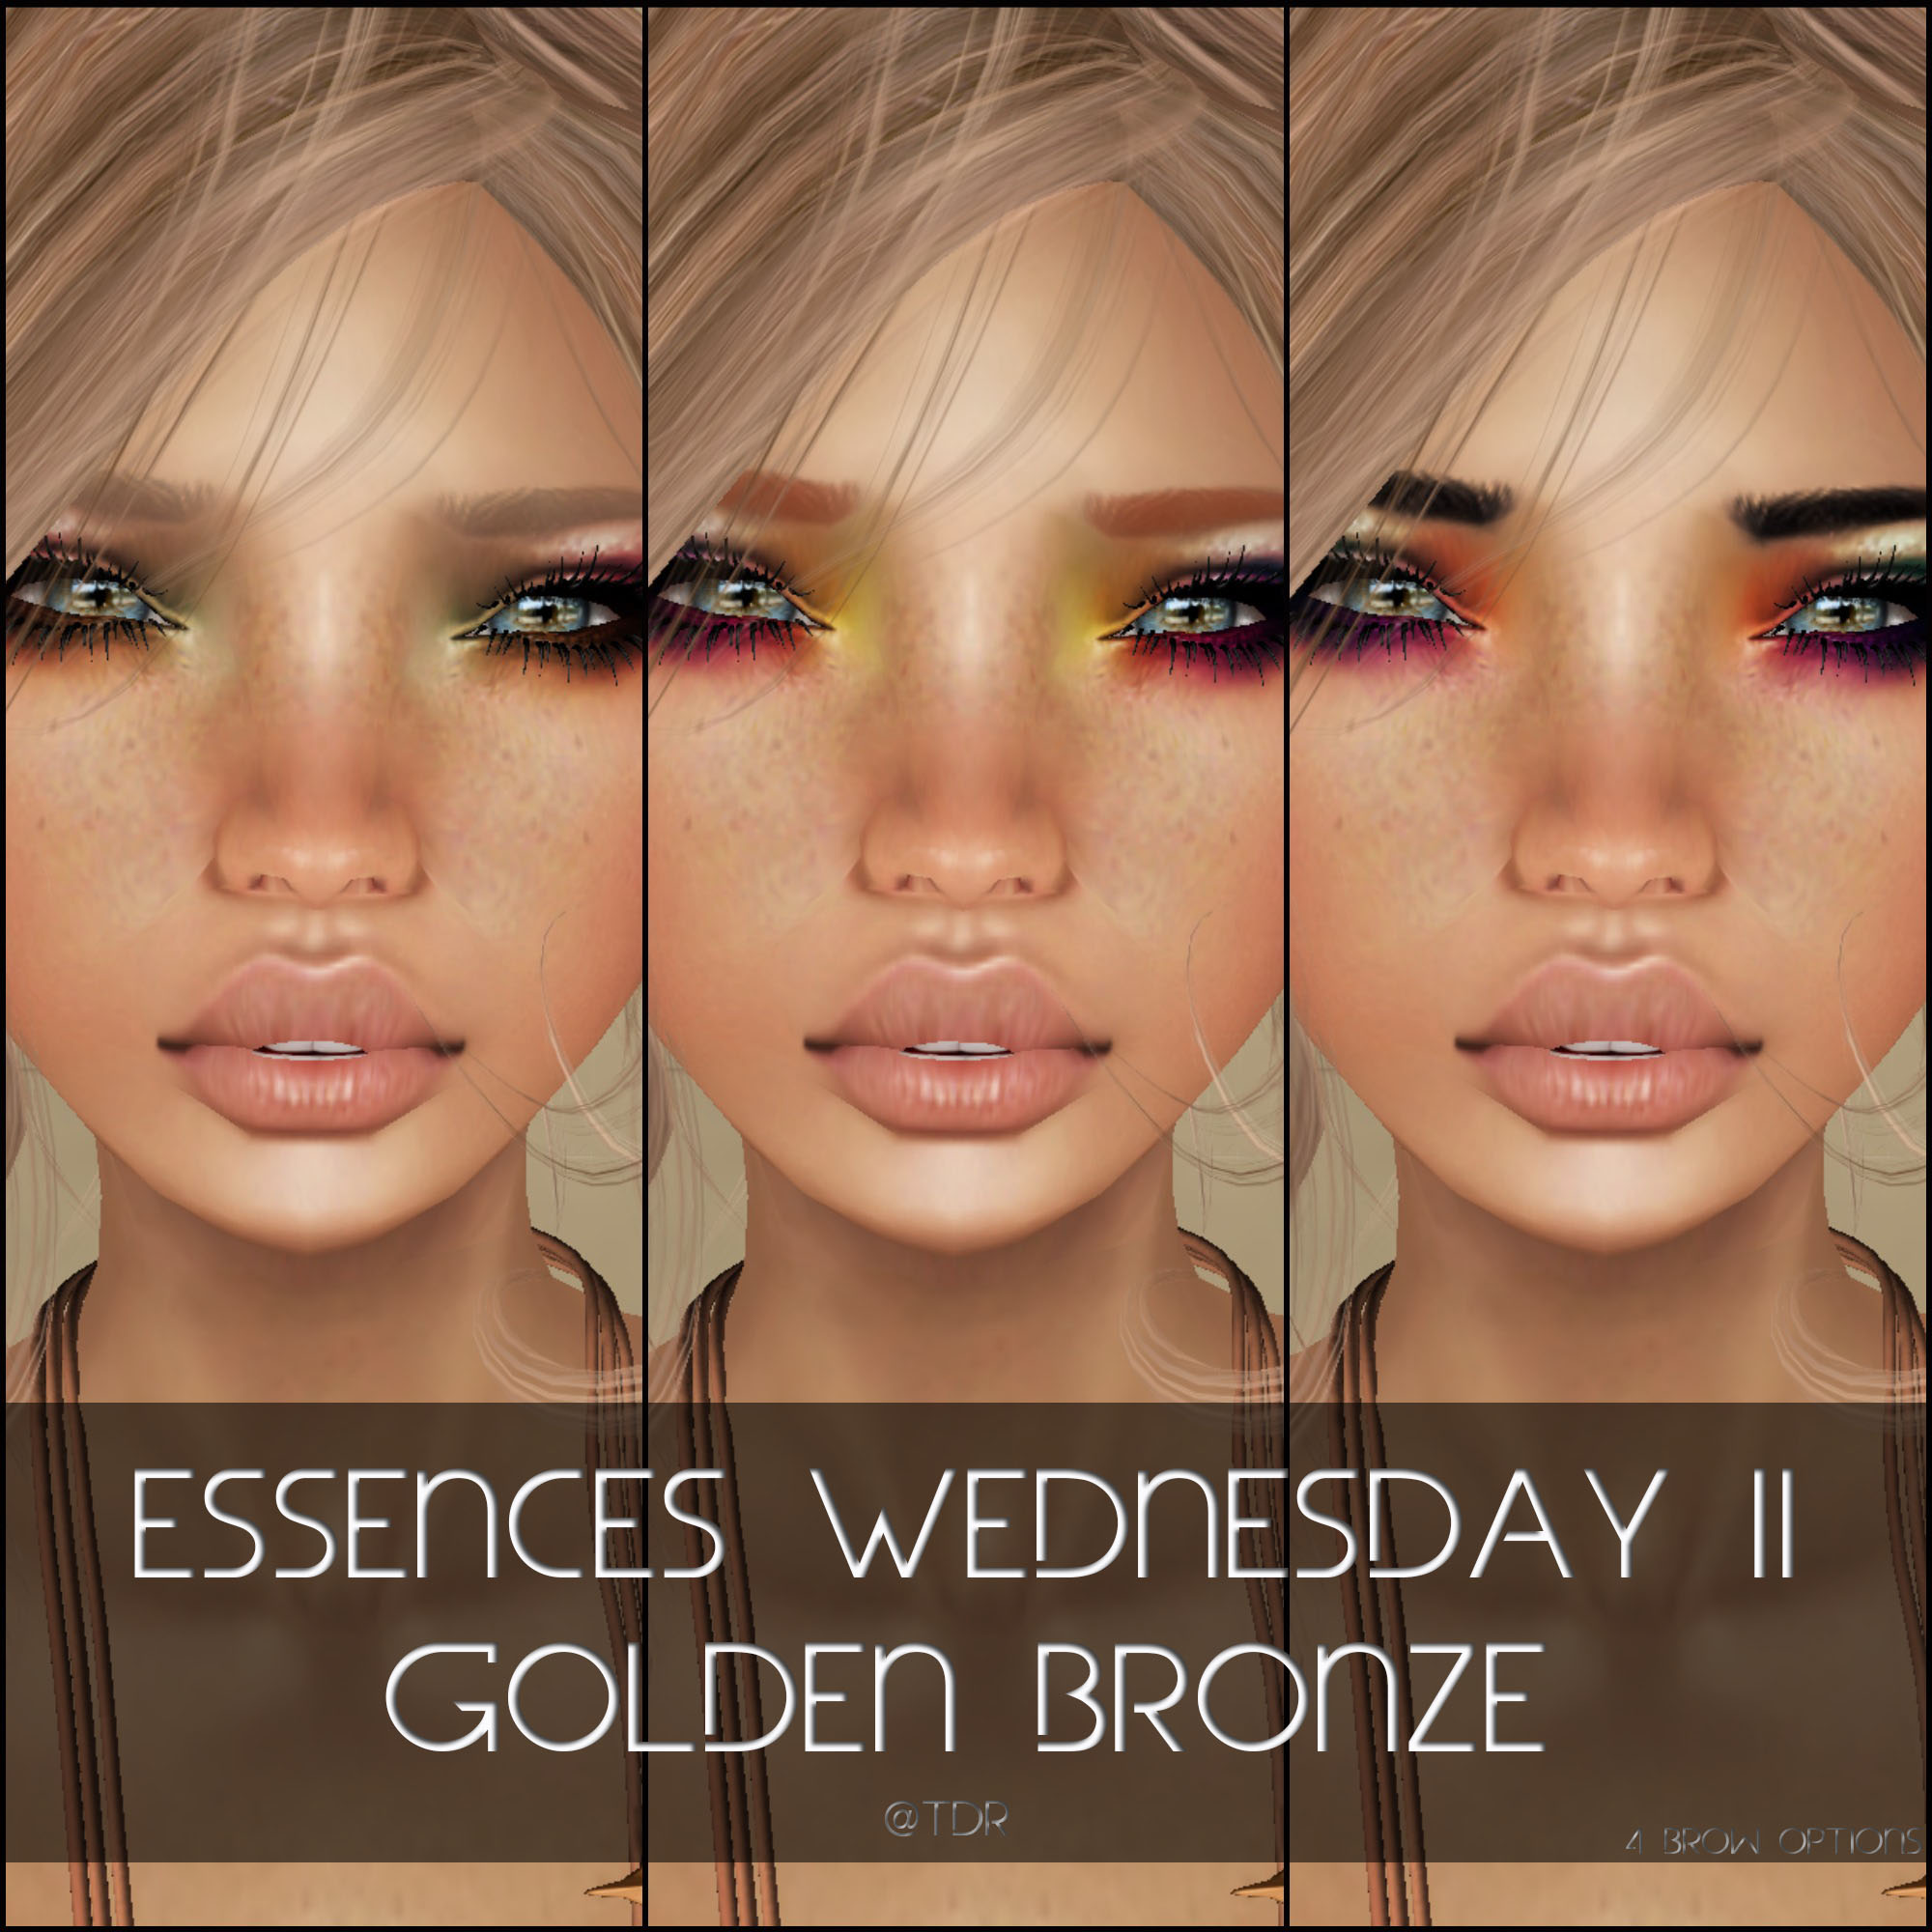 Essences Wednesday II - Golden Bronze